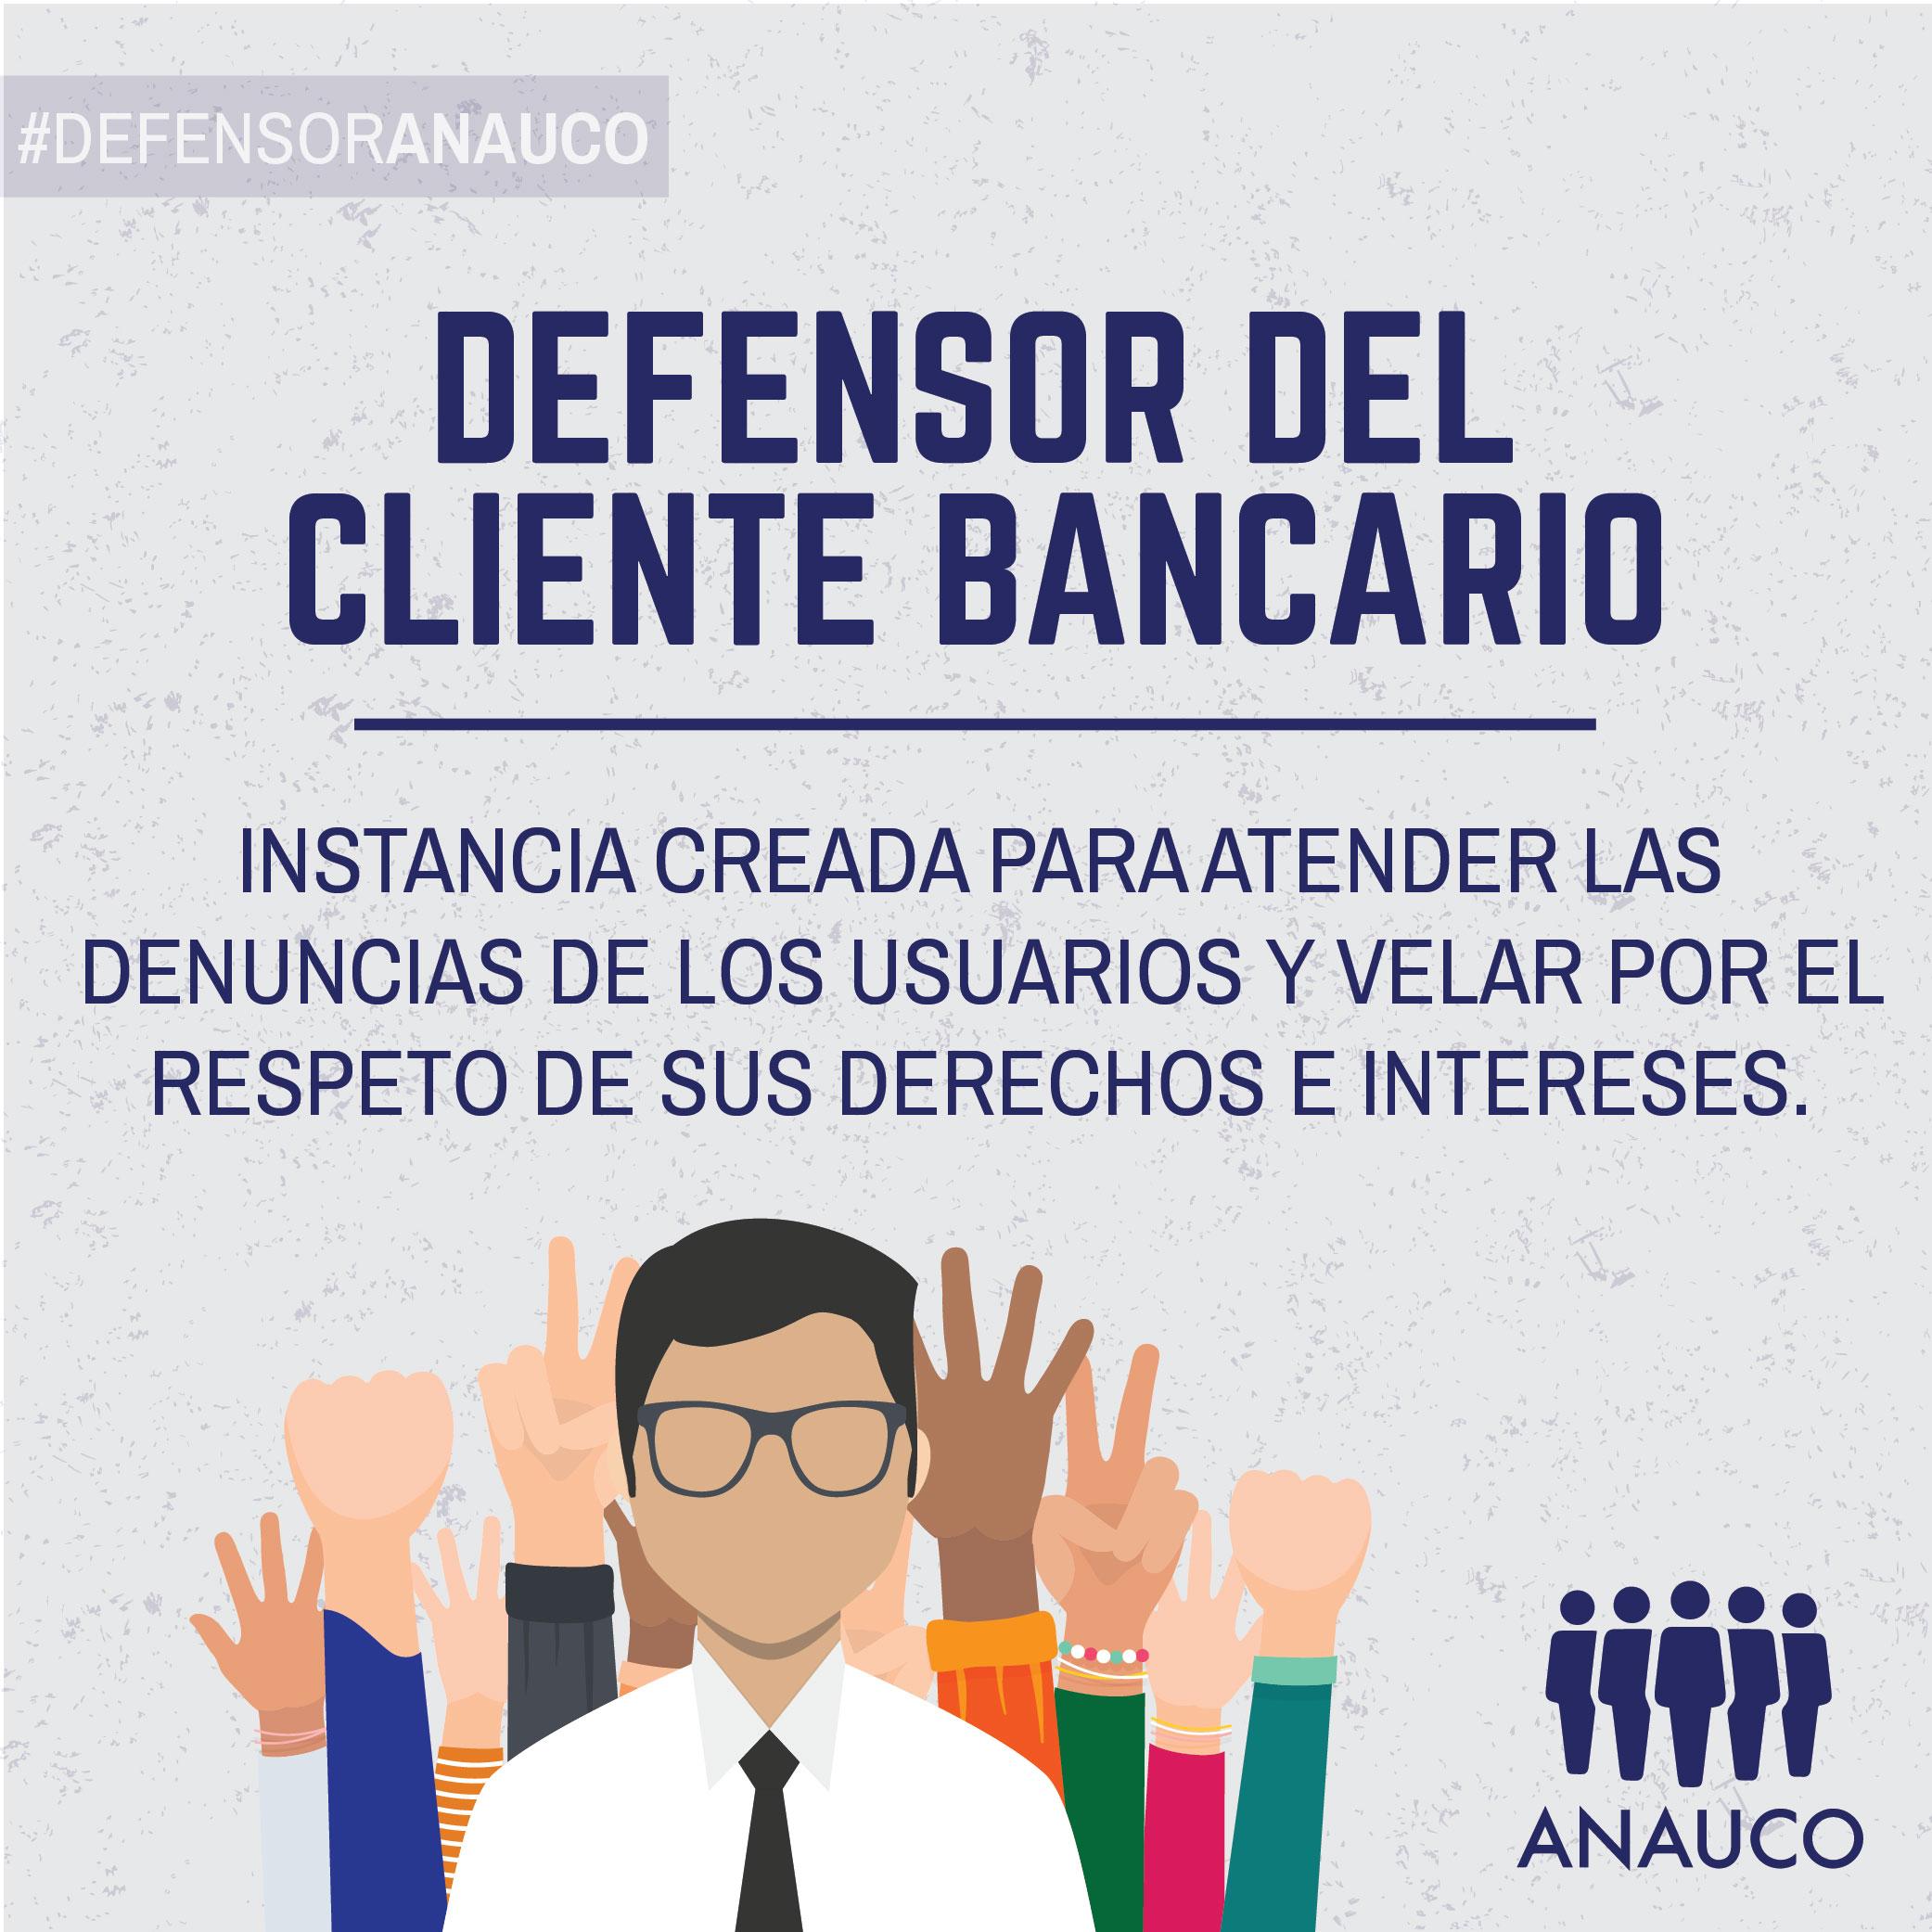 defensor-del-cliente-bancario